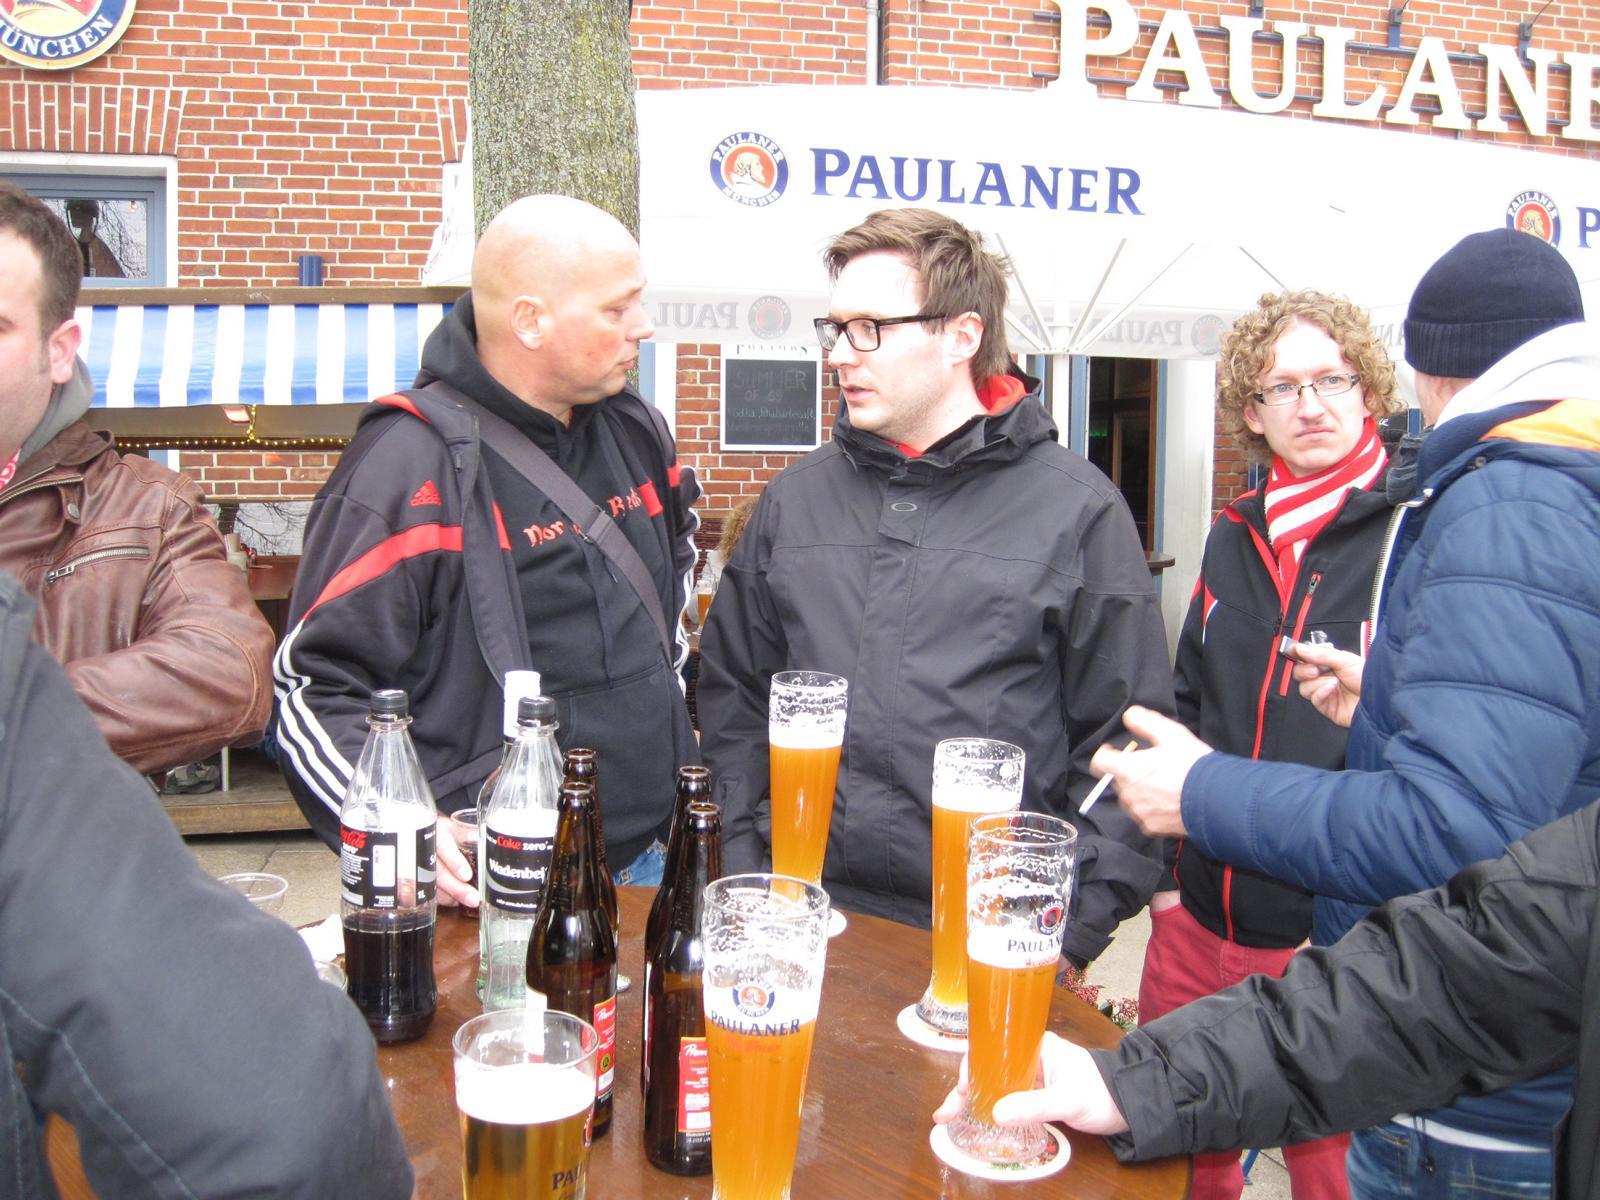 Werder Bremen Vs Fc Bayern März 2015 Northern Reds Fc Bayern